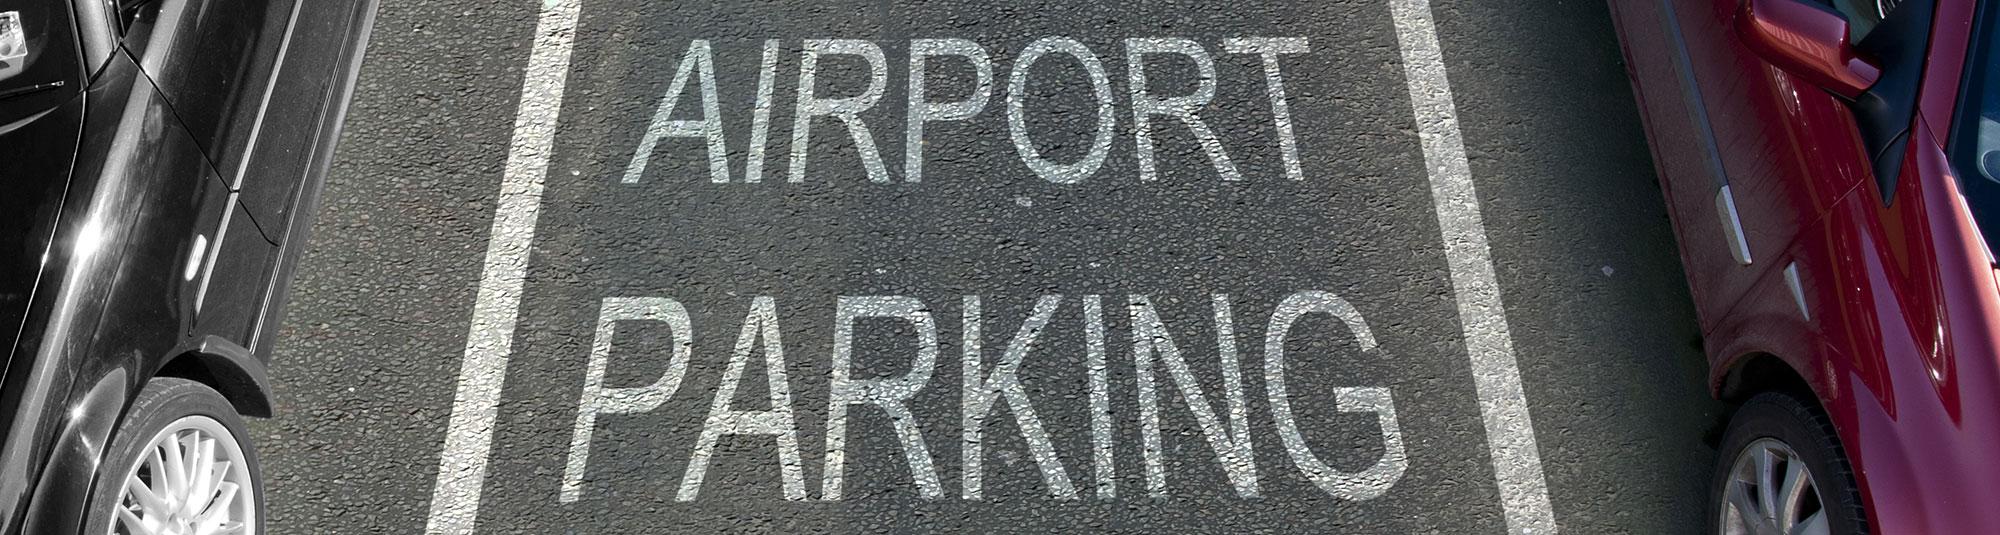 Flughafen_Parken_2